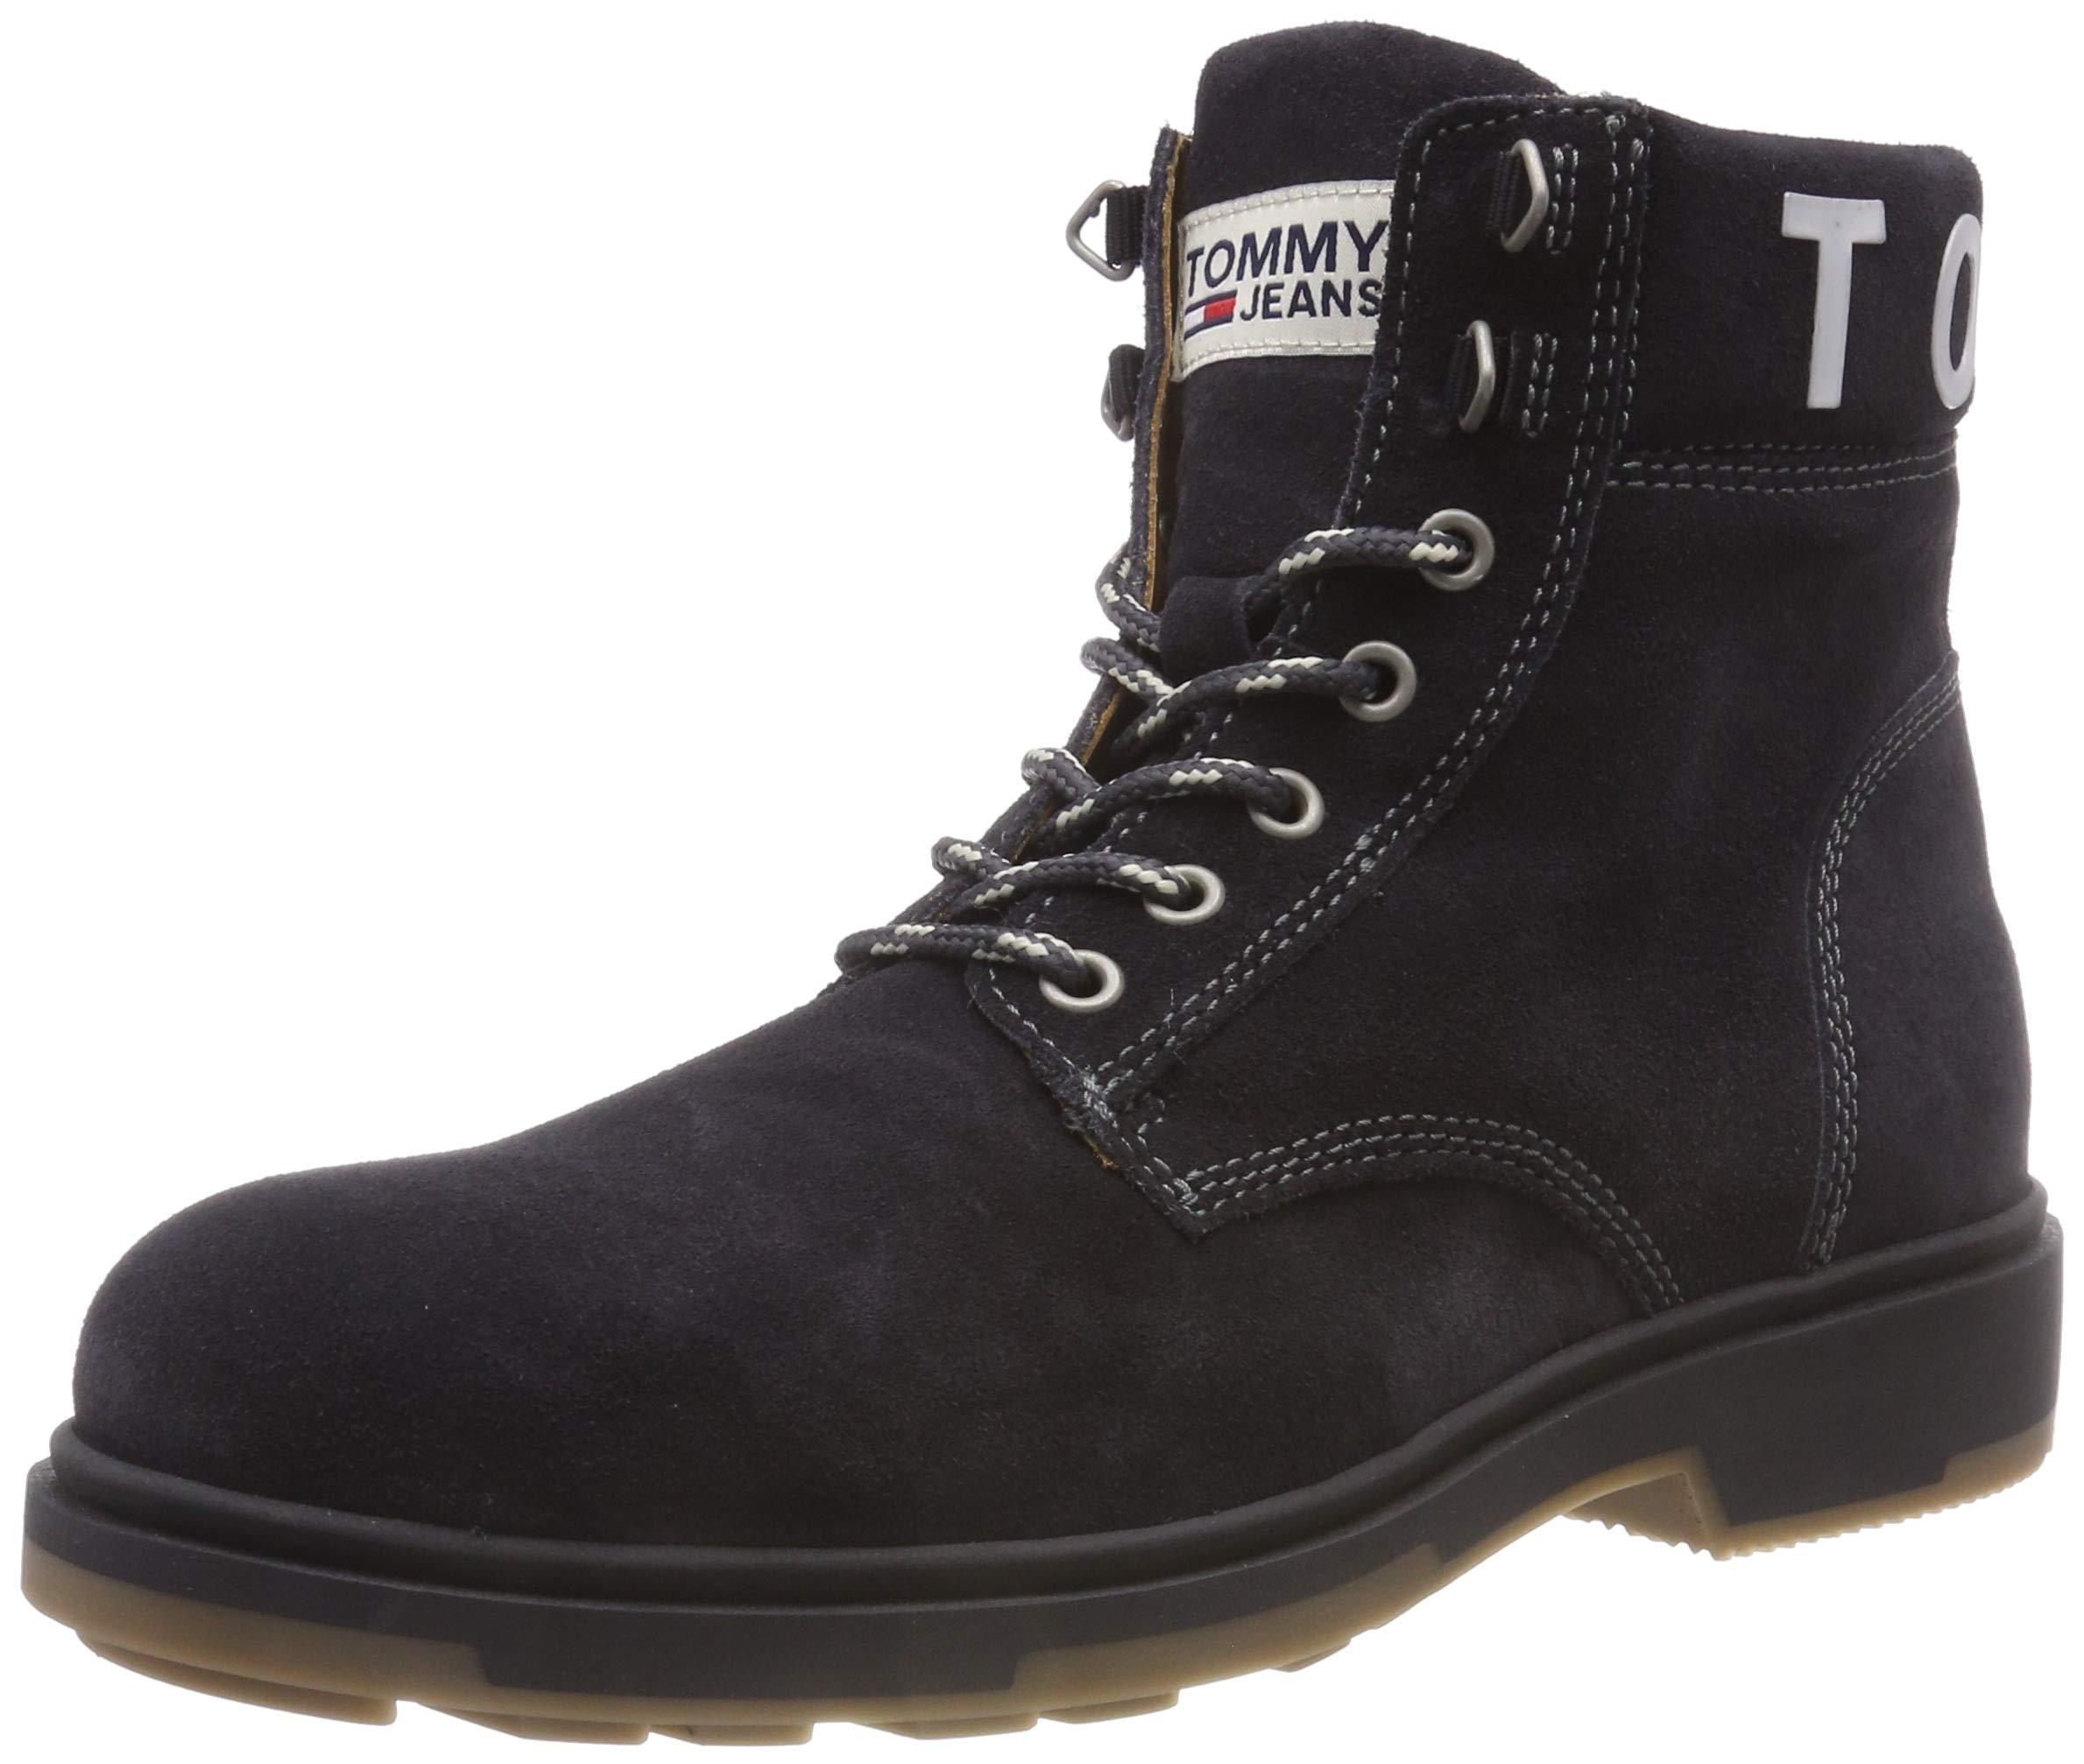 Hilfiger Denim Rangers HommeGrismagnet Eu Suede BootBottes Tommy Jeans 00843 OZkiPXu